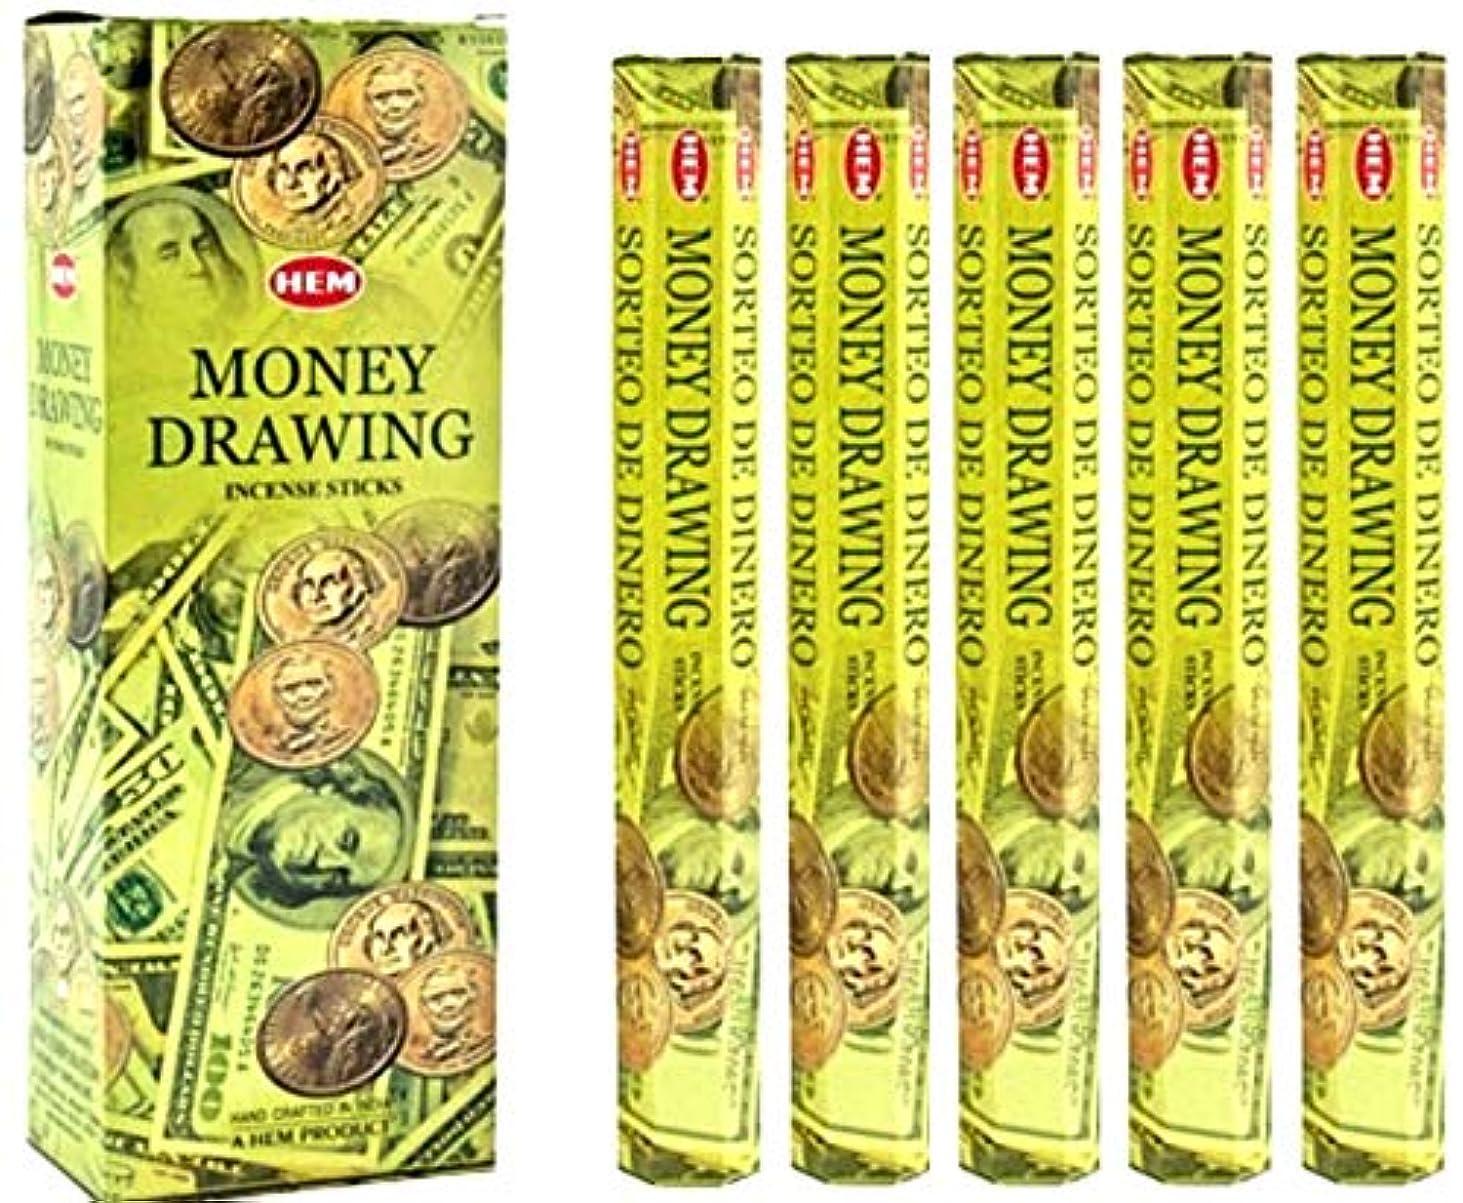 含意ガイドライン聖書裾Money Drawing 100 Incense Sticks (5 x 20スティックパック)